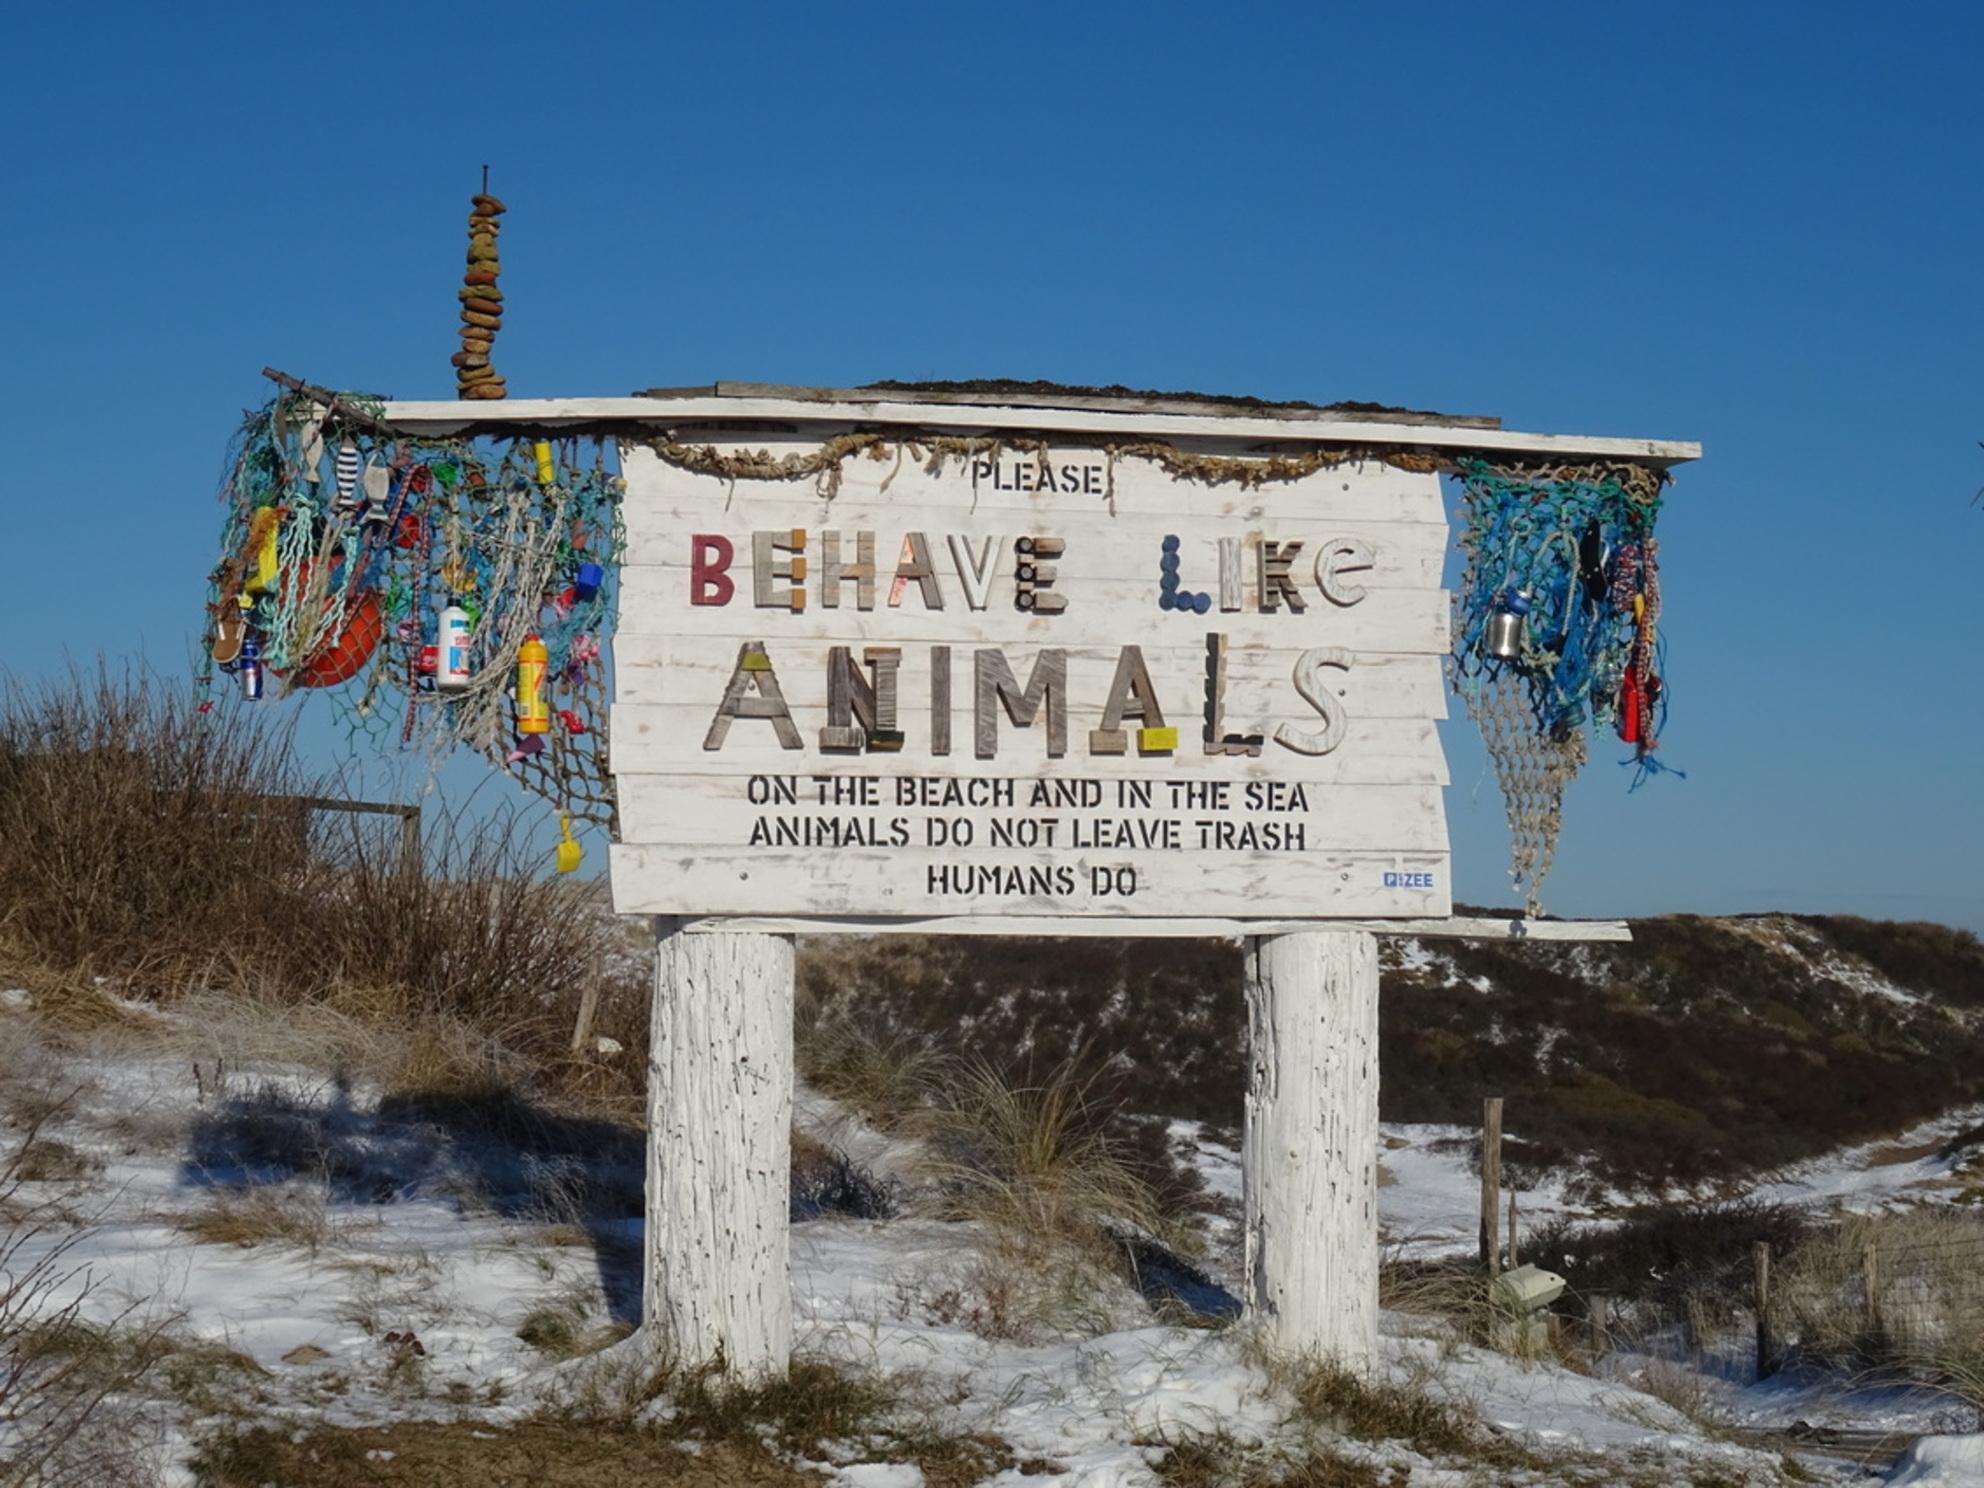 Behave like animals.... een goed advies. - Dit 'aanmoedigings bord'  staat bij het strand van Bakkum. Goed gedaan, ludiek, grappig maar oh zo waar. En eigenlijk is het triest dat zo'n waarschu - foto door FractalCaleidoscope op 28-02-2021 - Deze foto mag gebruikt worden in een Zoom.nl publicatie